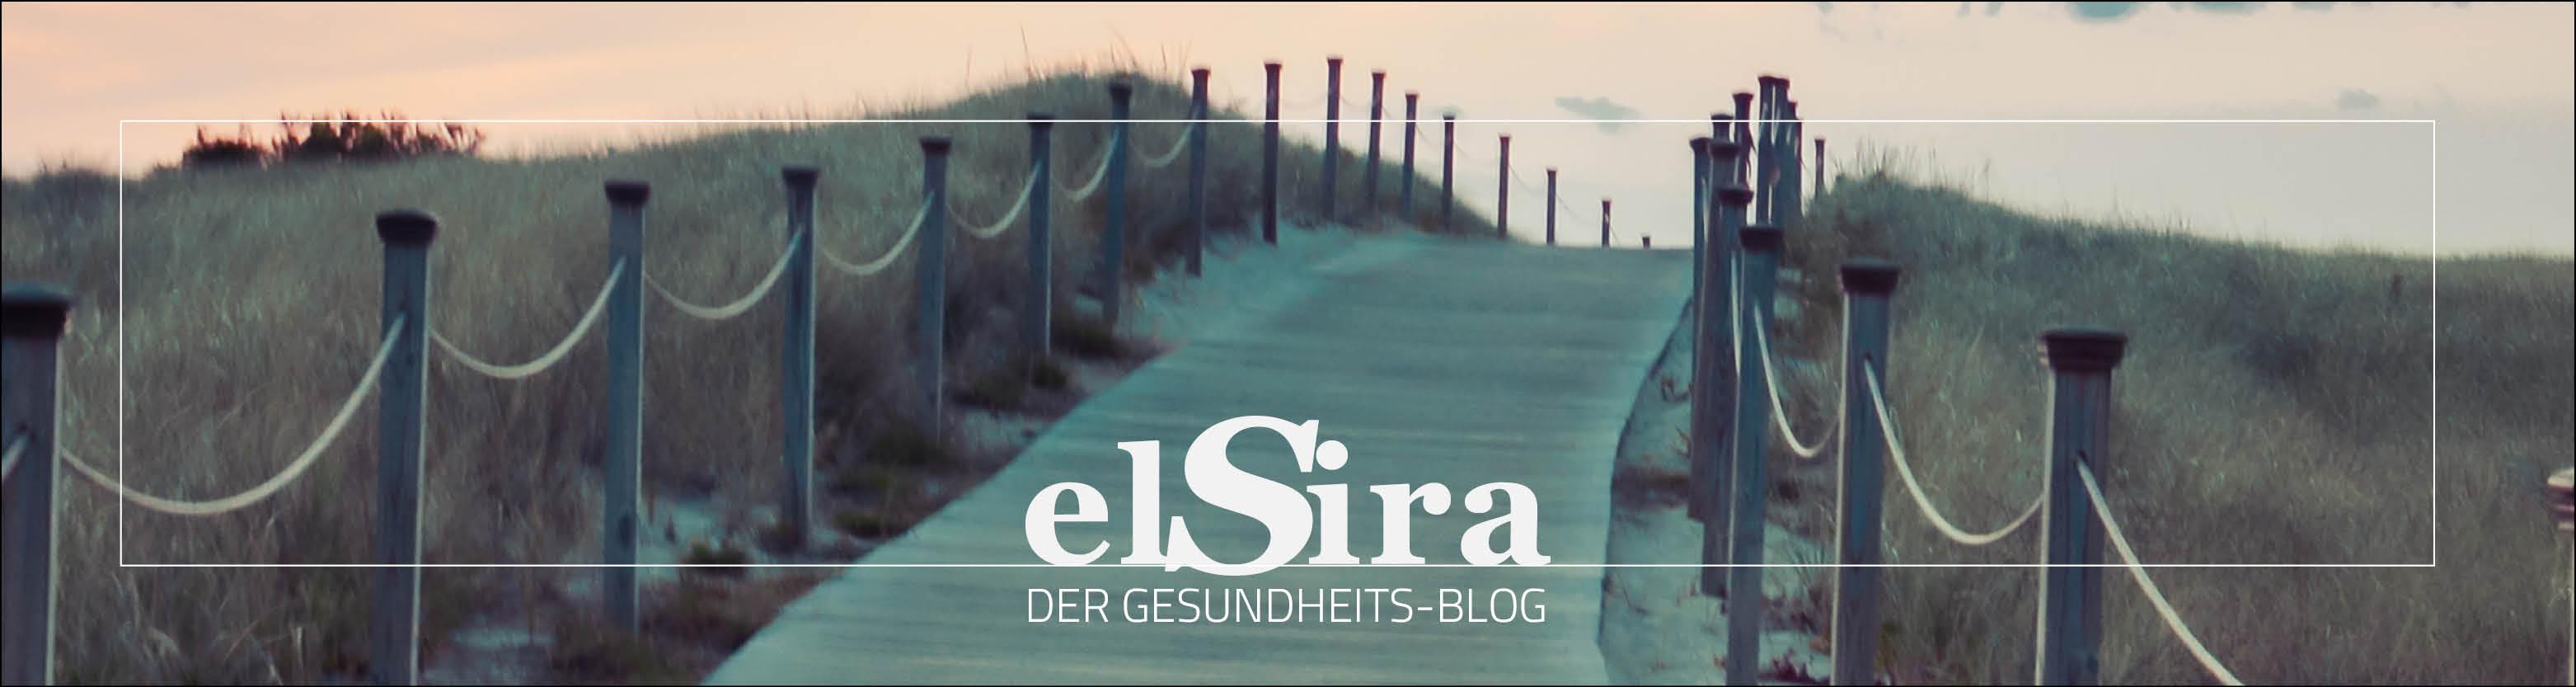 Der elSira Gesundheits-Blog